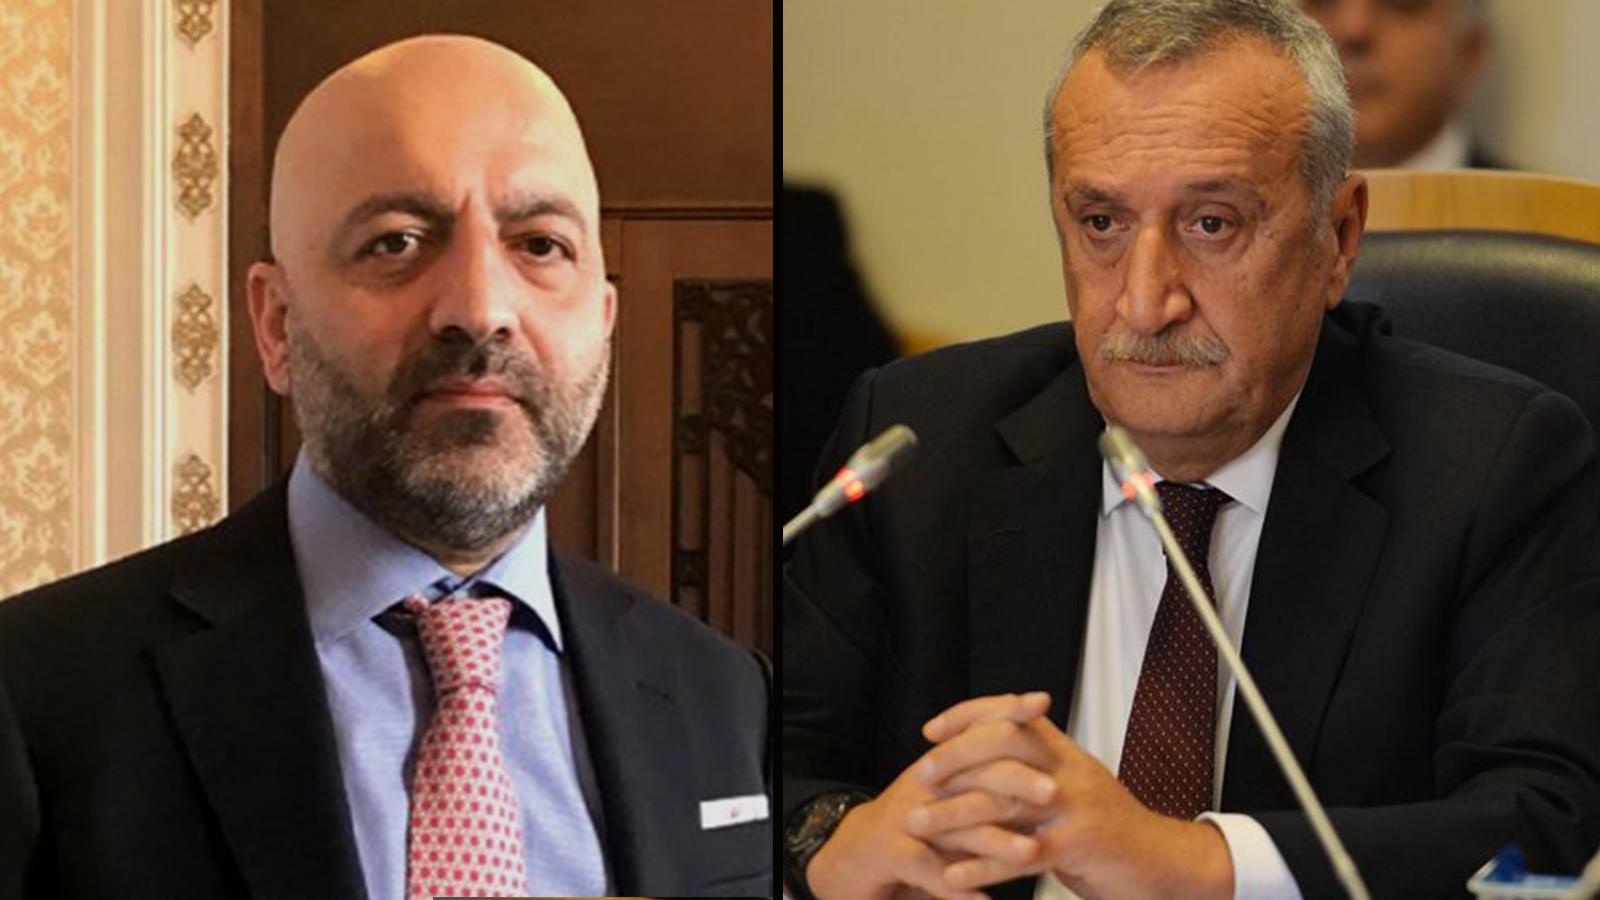 Mübariz Gurbanoğlu: Mehmet Ağar'ın ricasıyla Pensilvanya'ya gittik